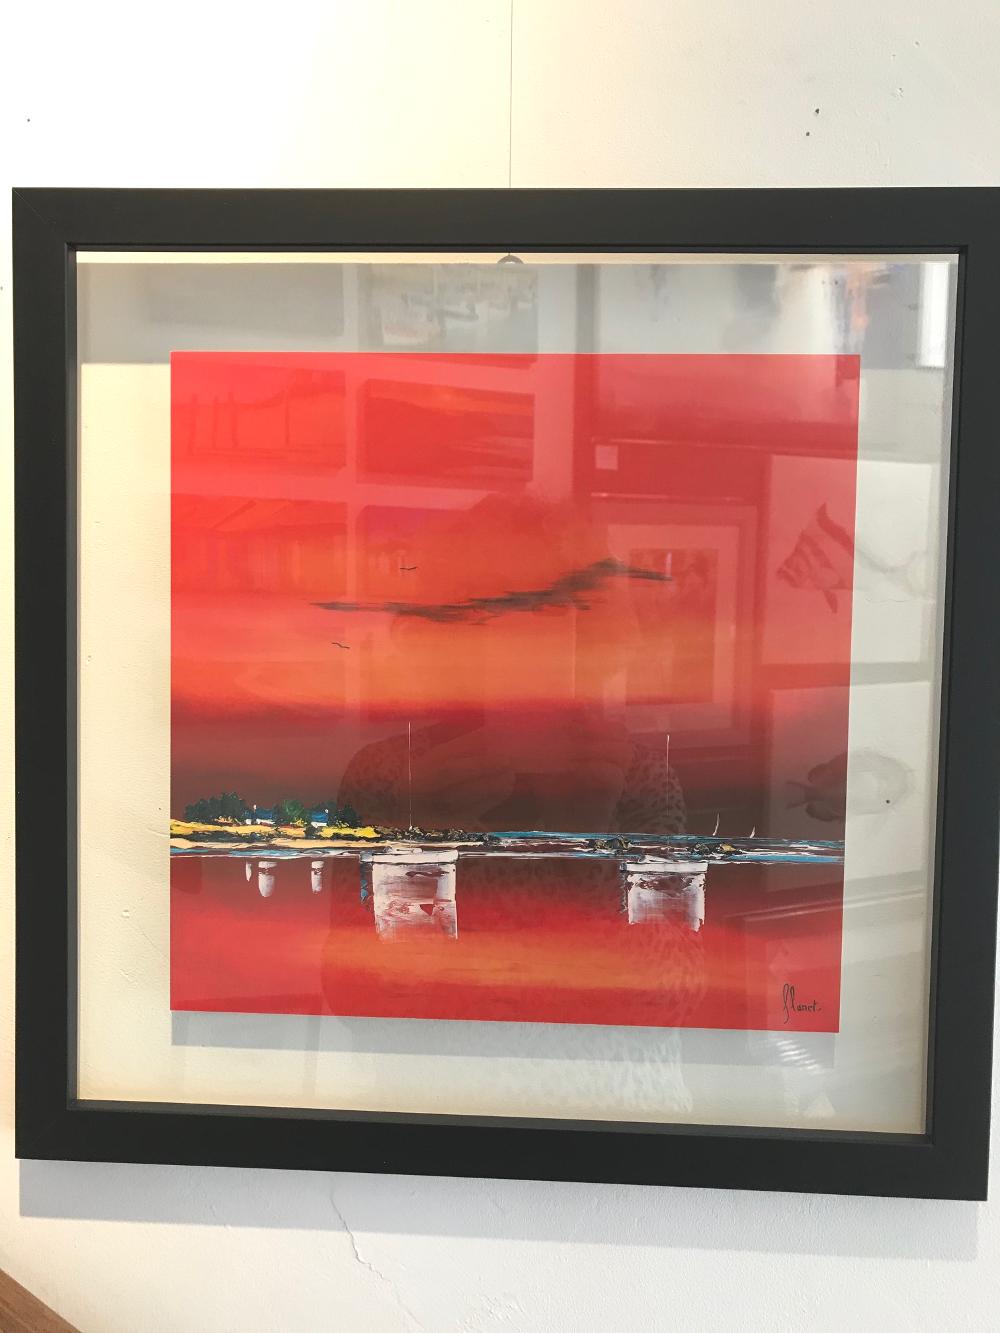 « Crépuscule I », de Frédéric FLANET Affiche encadrée entre 2 verres, aux dimensions extérieures  43 x 43 cm A noter ! Ne voyage pas par transporteur Prix de l'affiche (30x 30cm) : 11,50€ Prix du cadre :  45,50€ L'ensemble : 57€